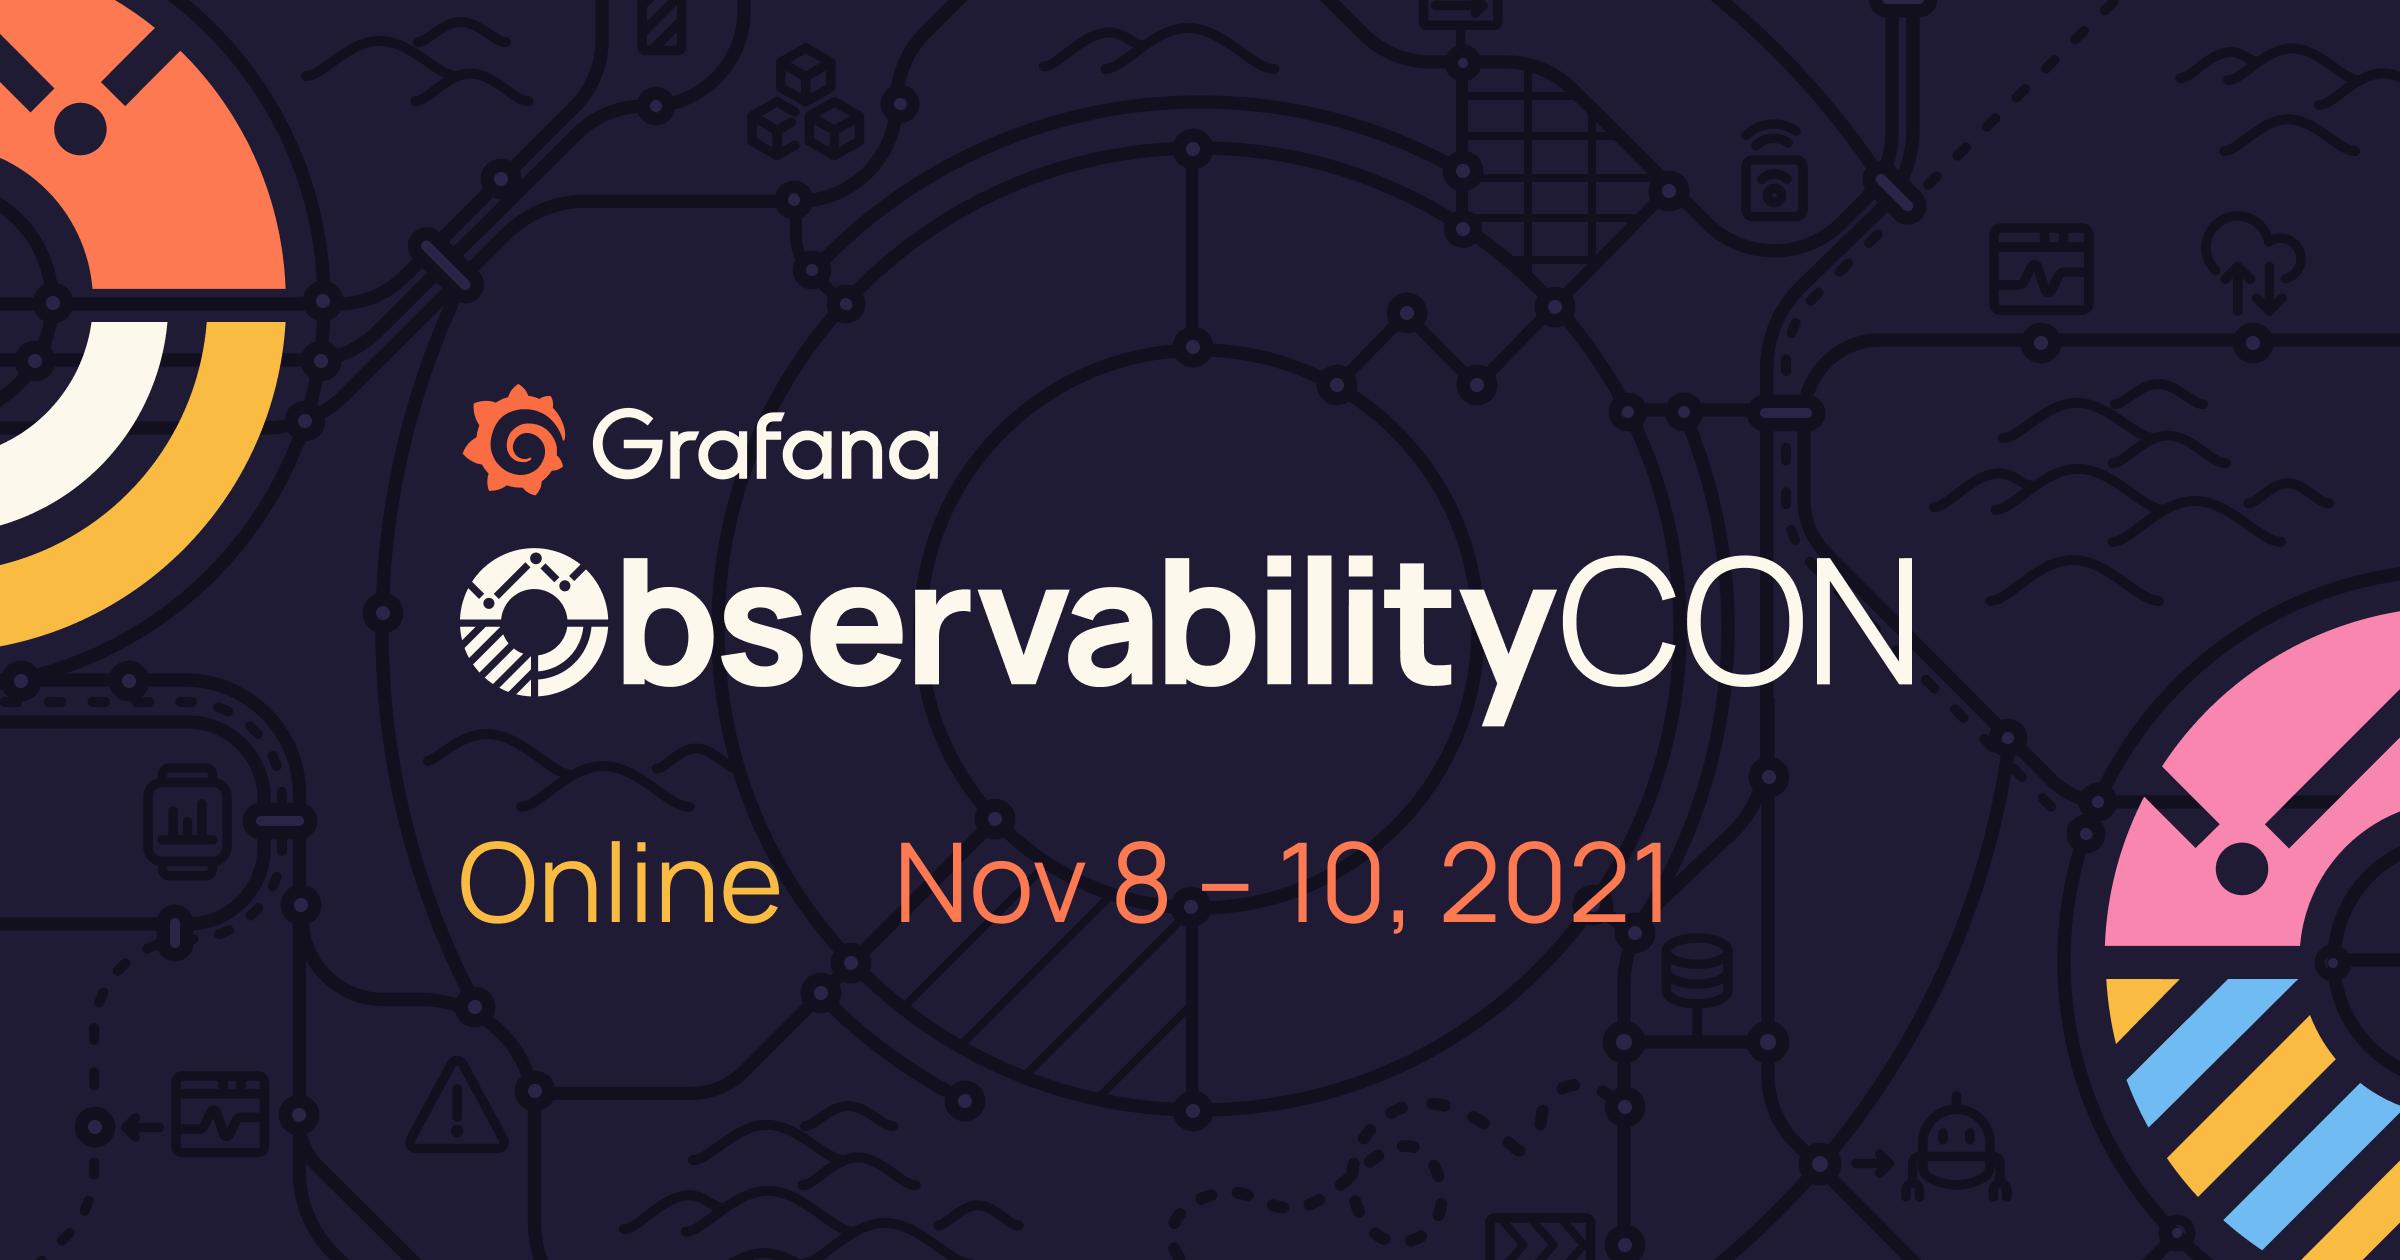 Grafana – ObservabilityCON from November 8-10, 2021